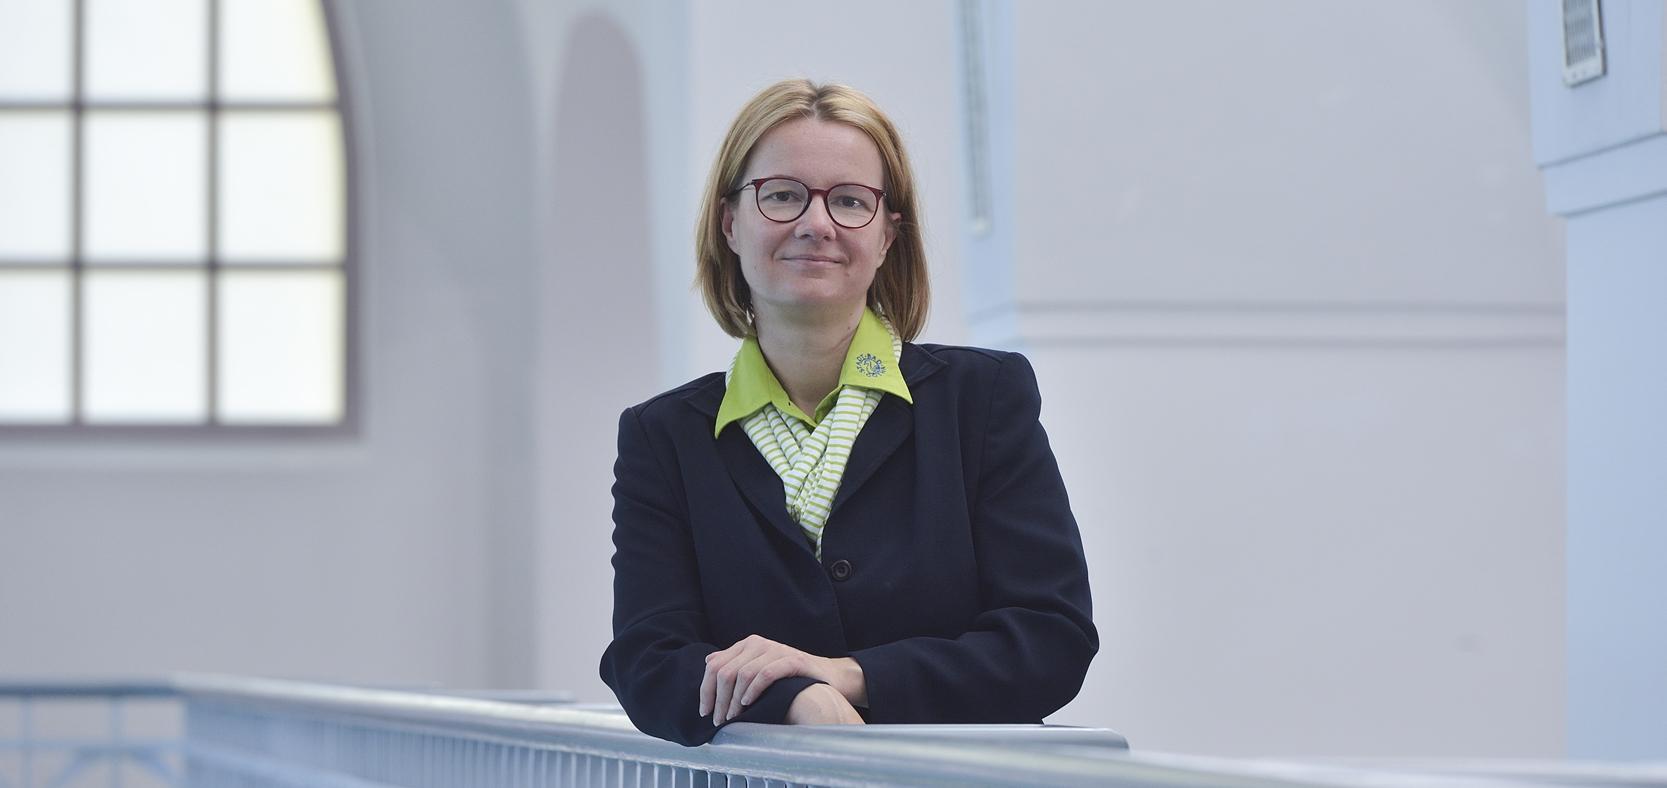 Geschäftsführerin Annette Engel-Adlung im Stadt-Bad Gotha. Foto: Lutz Ebhardt.